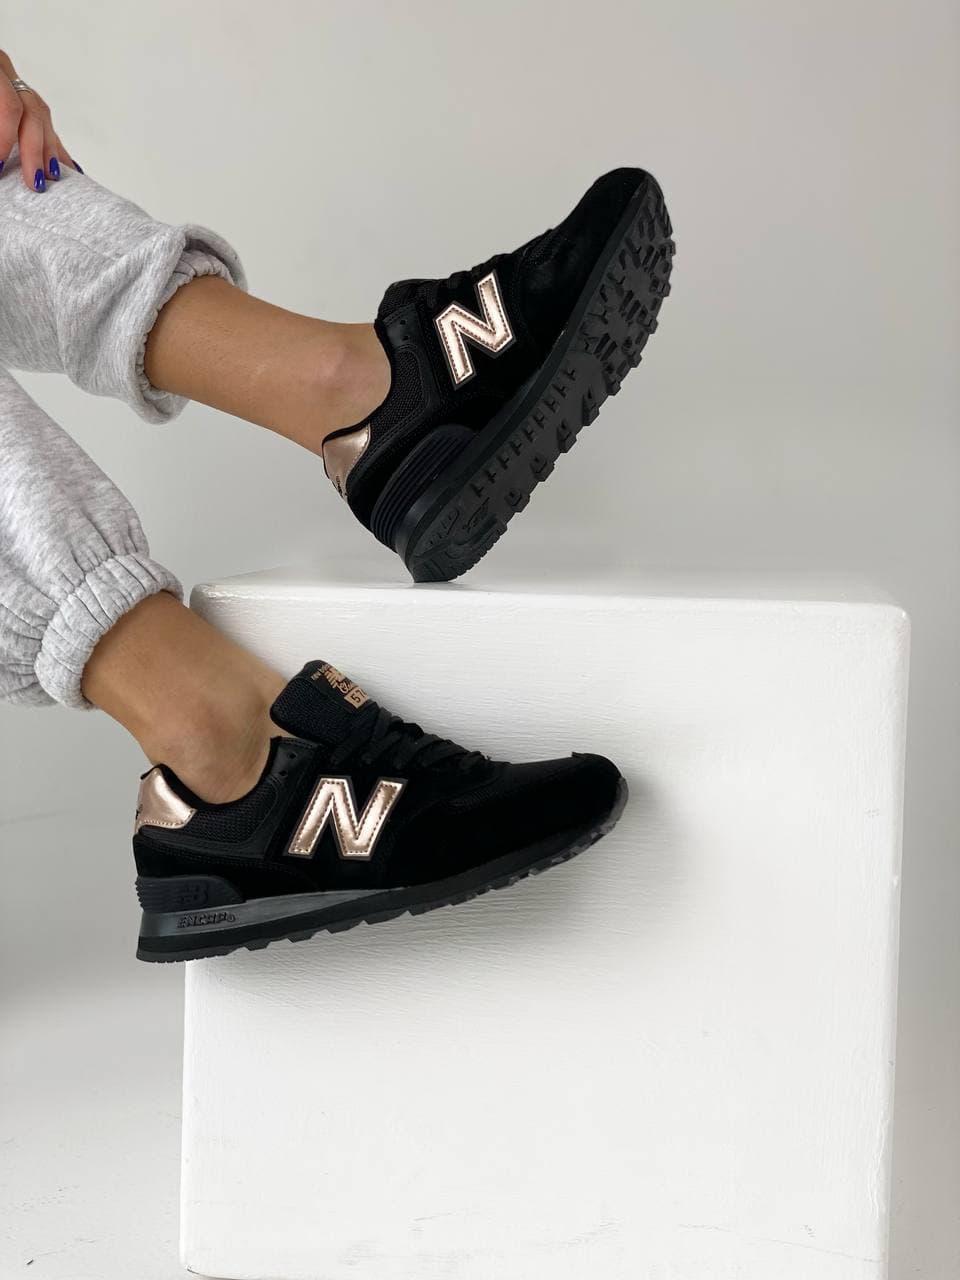 Женские кроссовки New Balance 574 Black Gold (Черные кроссовки Нью Баланс 574)